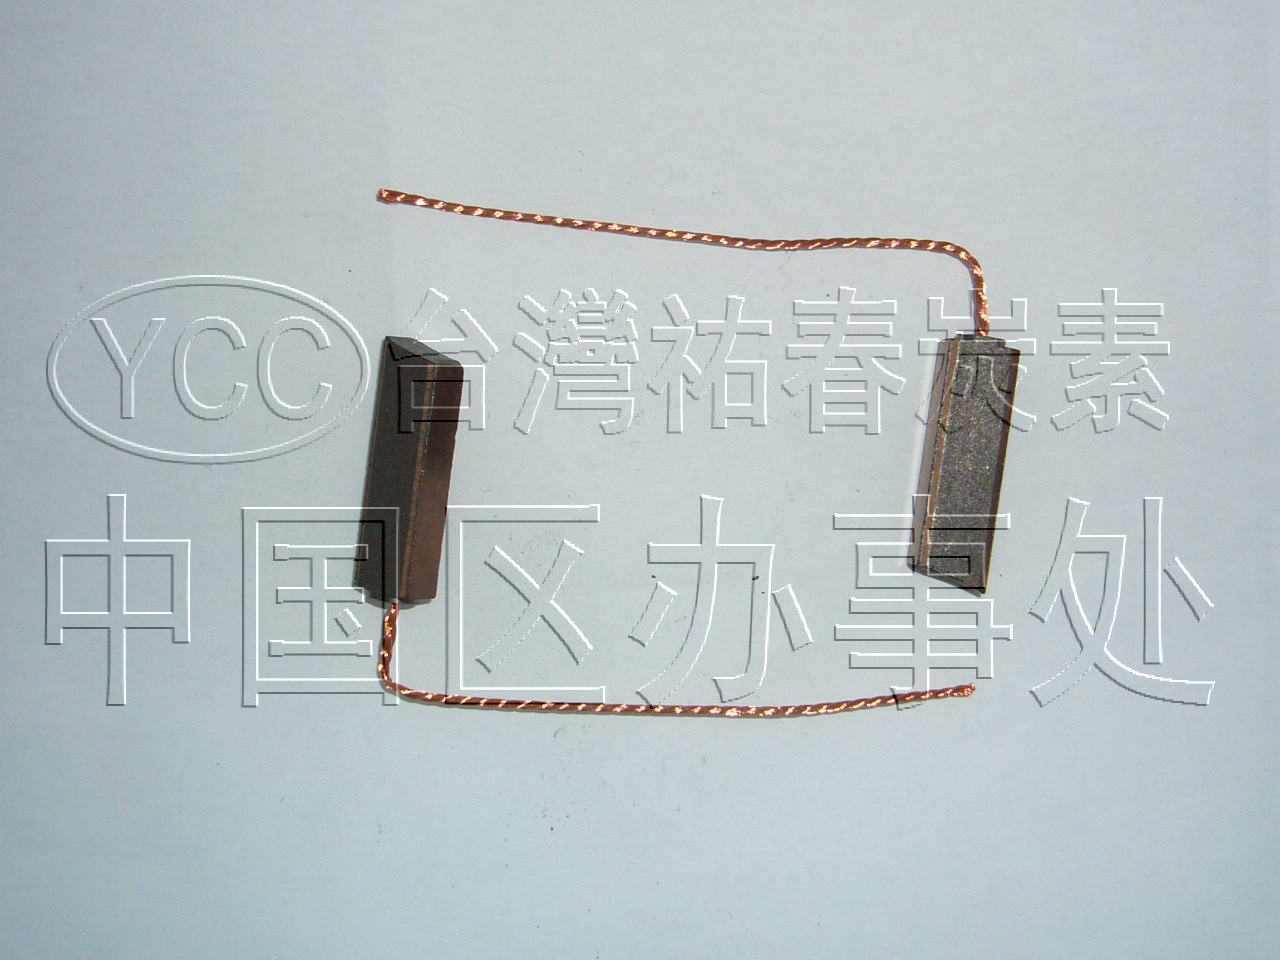 上海力悦贸易有限公司 高质量碳刷电刷炭刷5X8X28 Alternator 汽车发高清图片